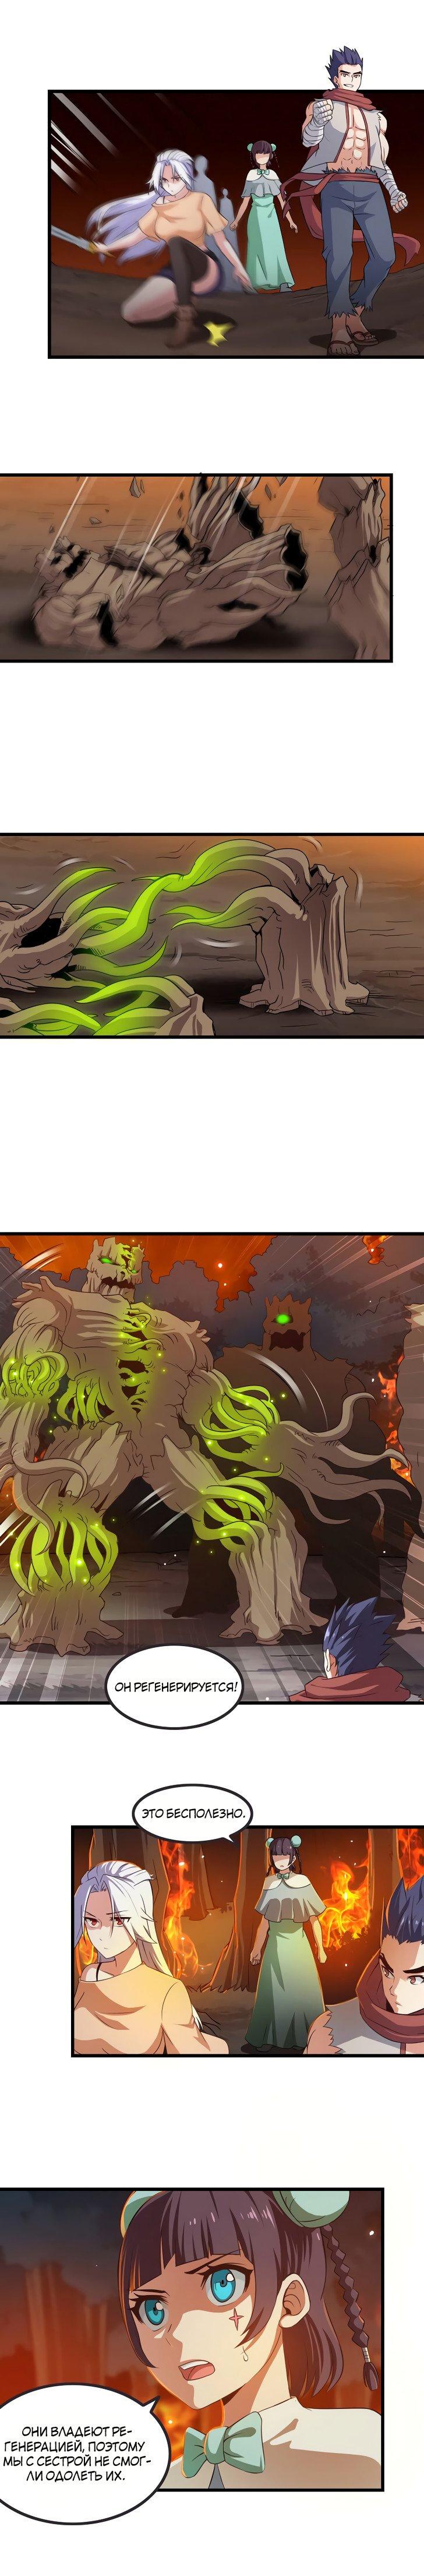 Манга Моя жена — королева демонов / My Wife is a Demon Queen  - Том 1 Глава 67 Страница 4